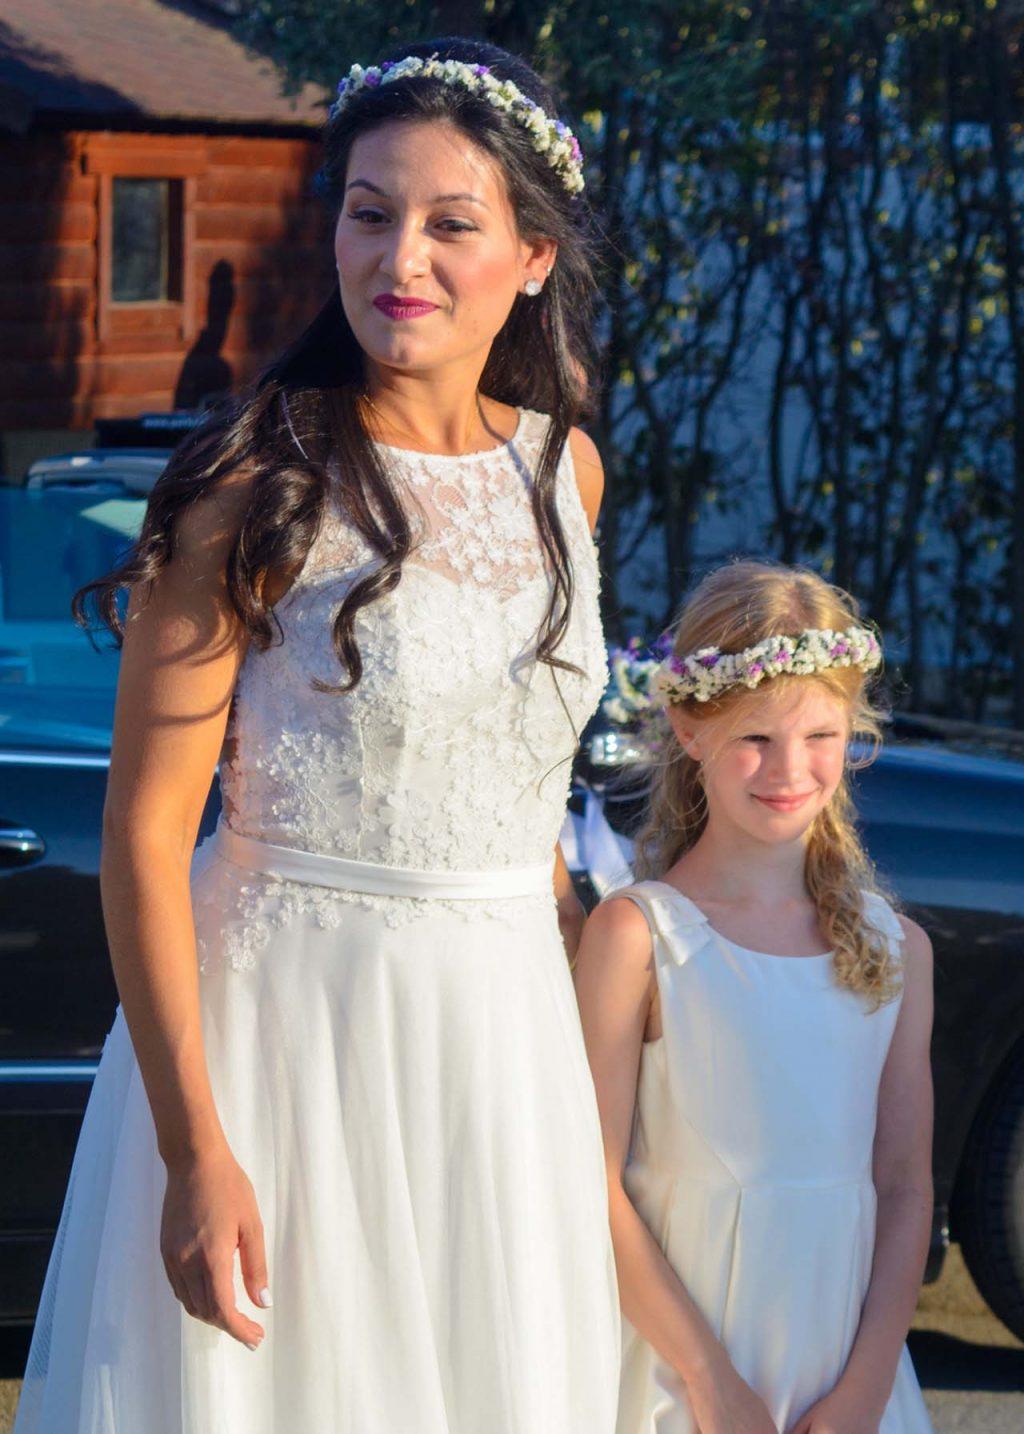 Πανέμορφη η Νόνη φορώντας ένα υπέροχο λευκό νυφικό